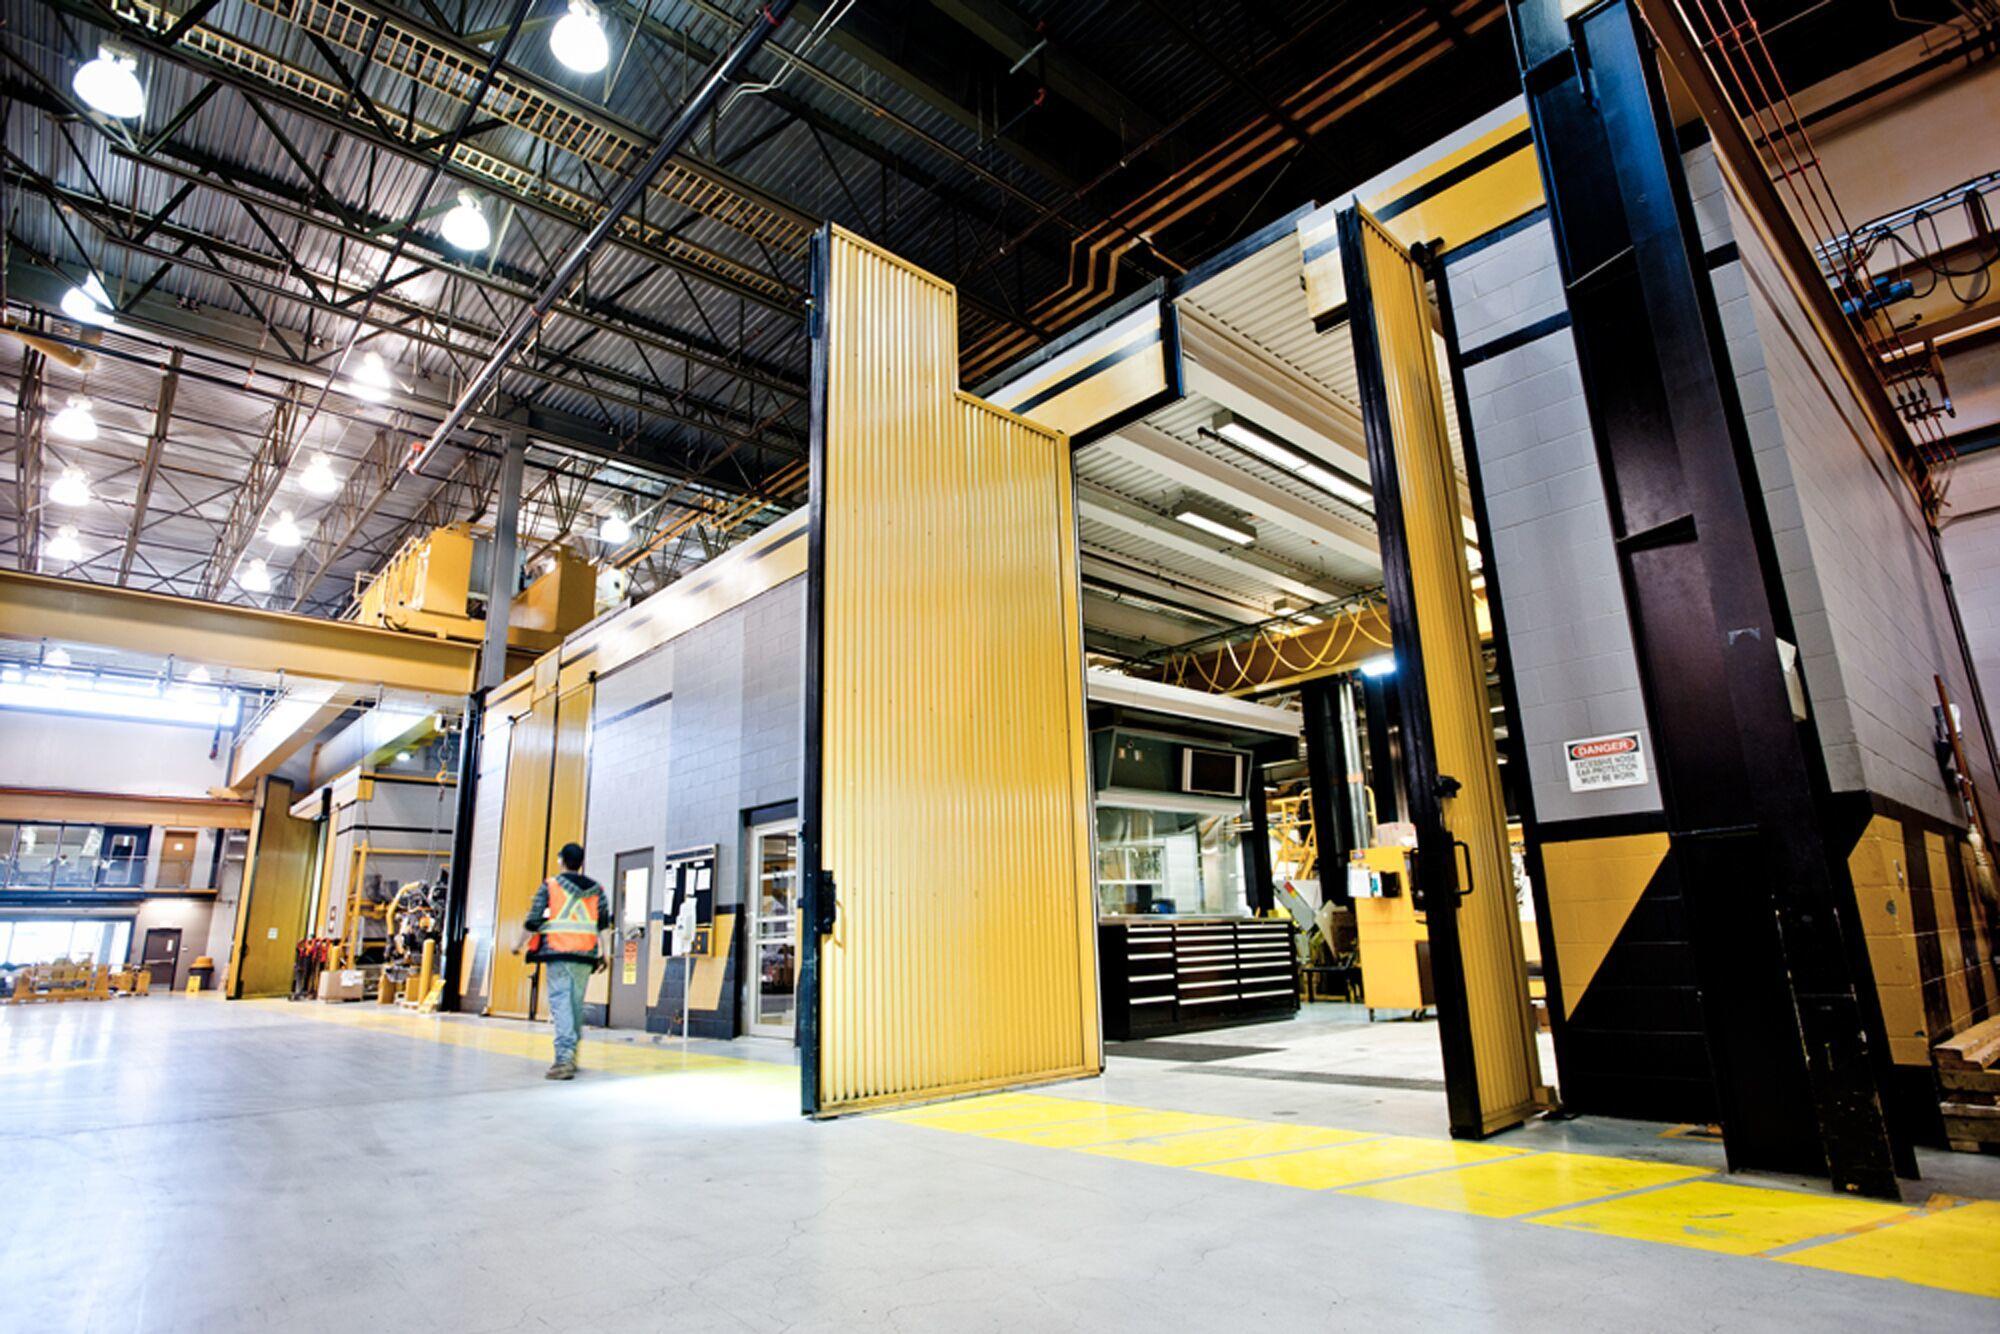 Commercial overhead door access controls